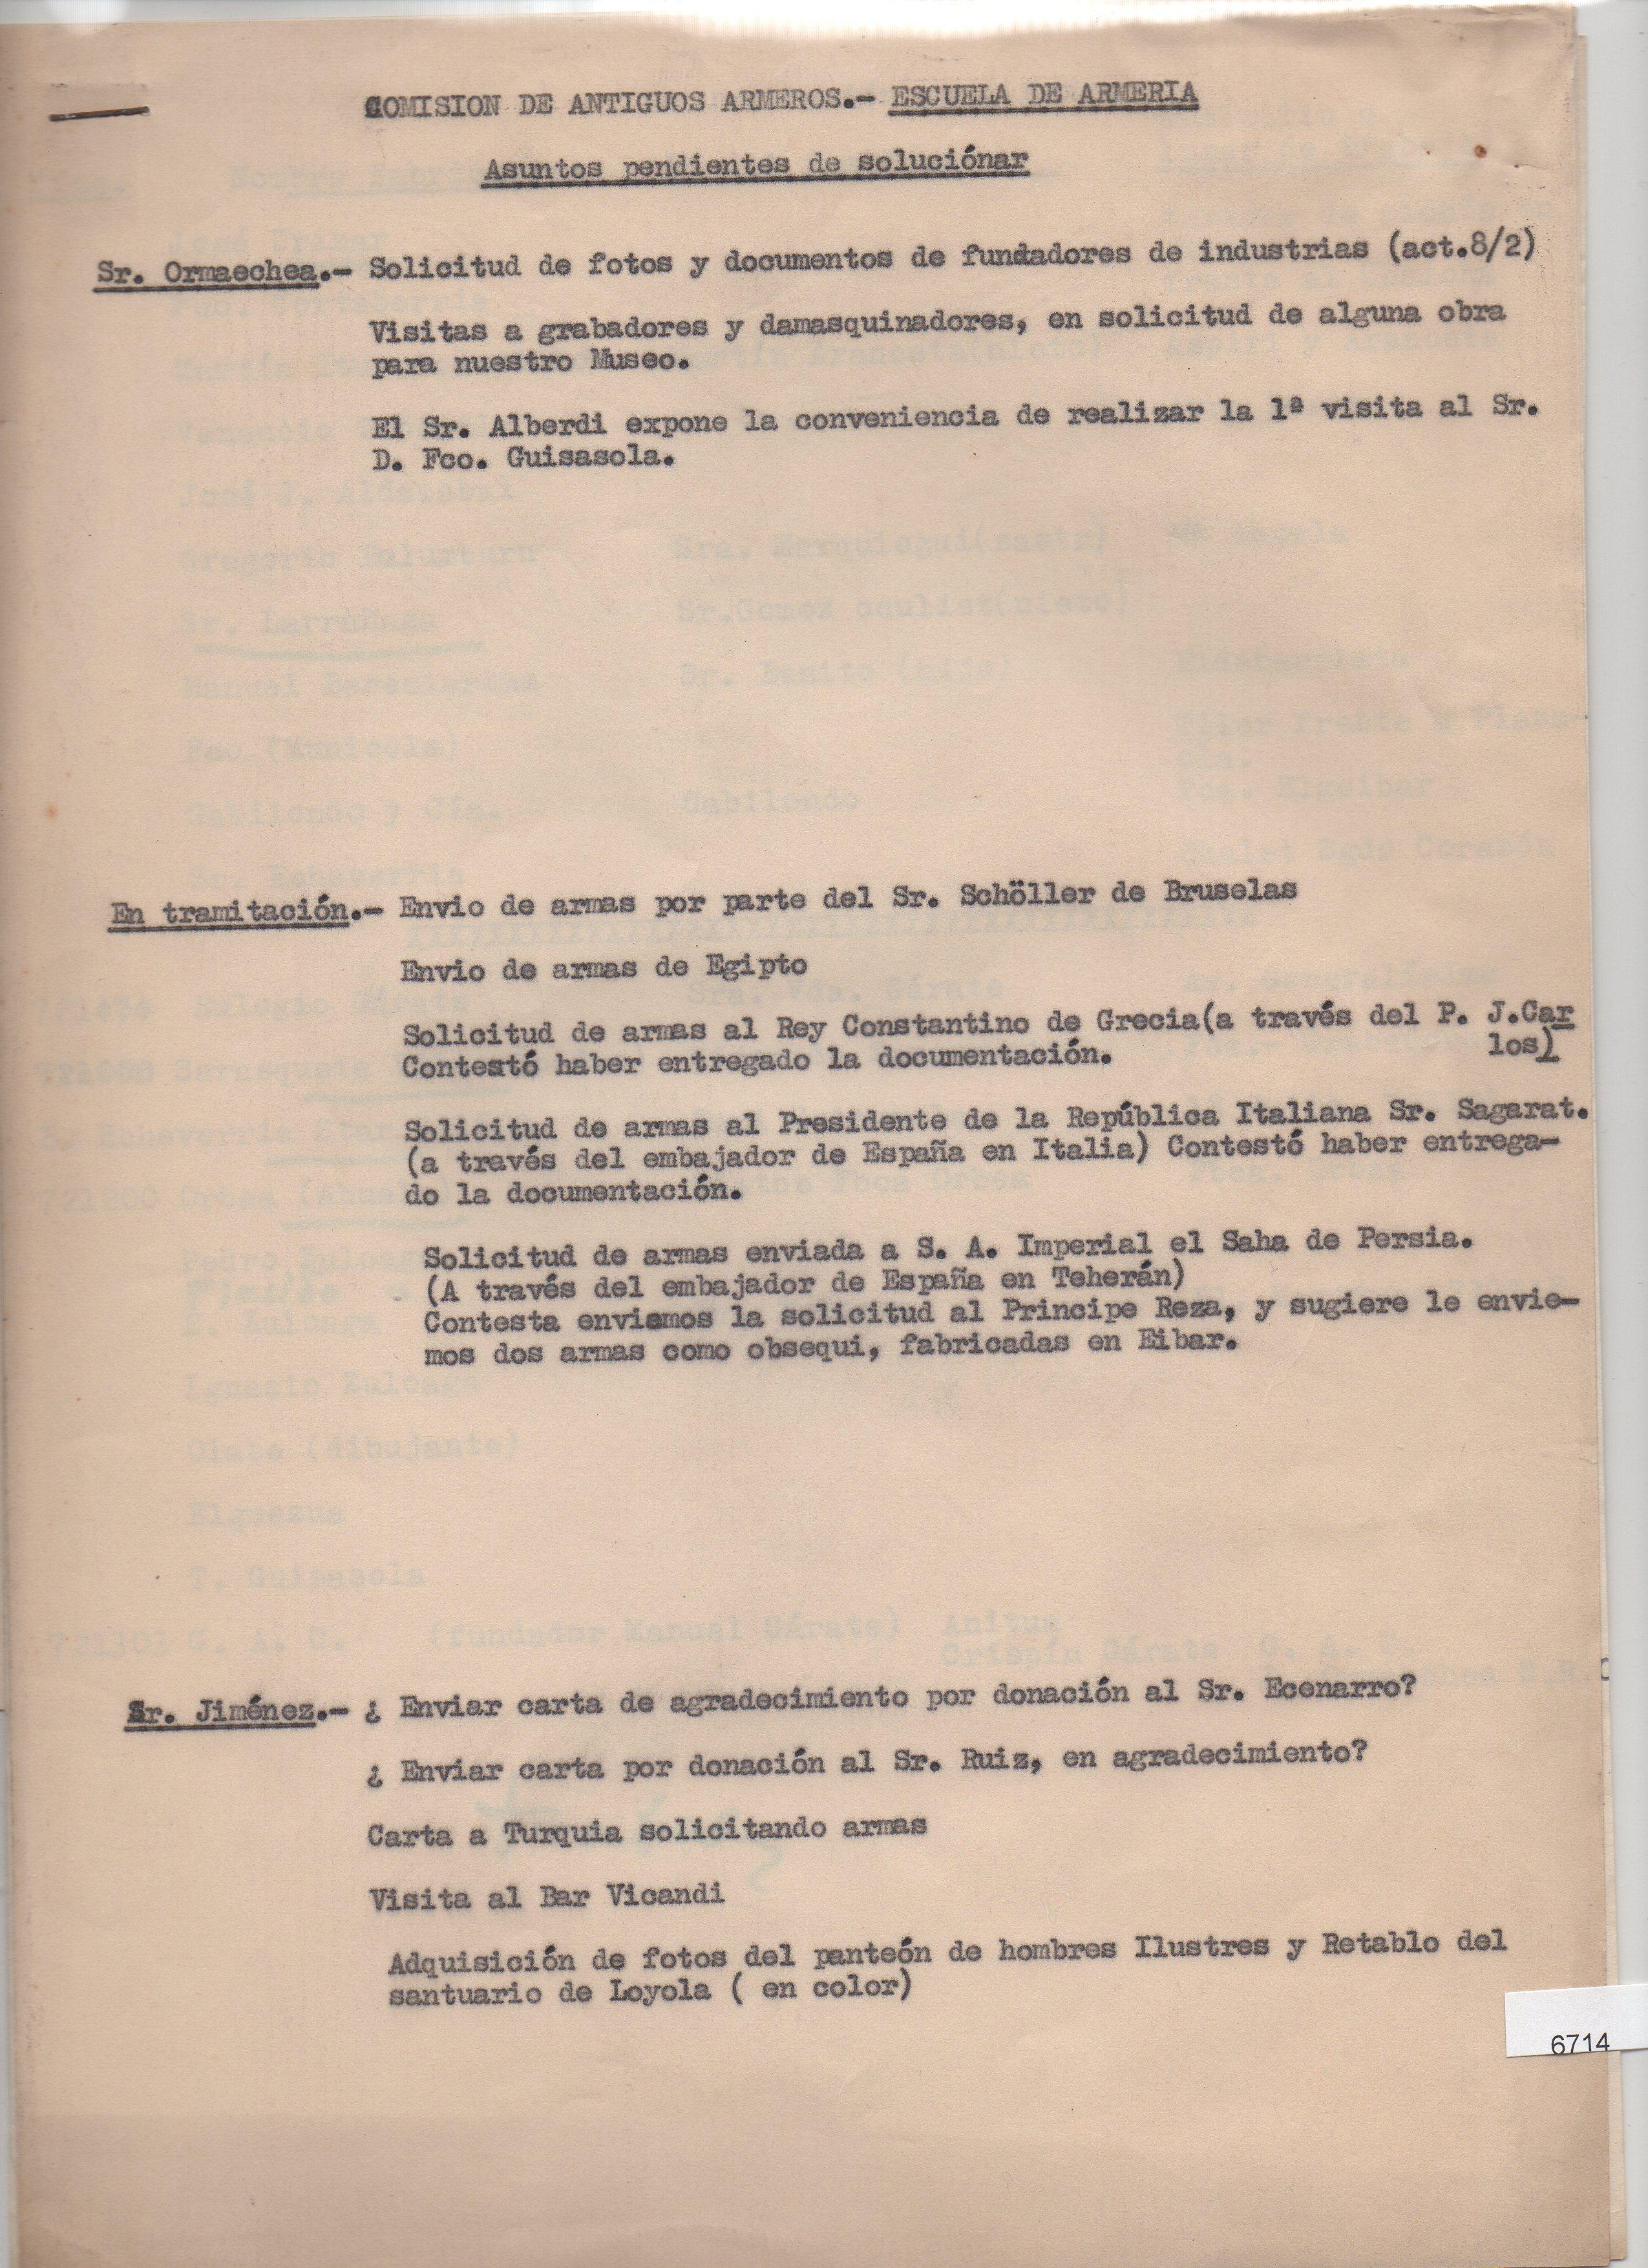 Acta de reunión de la comisión de Antiguos Armeros